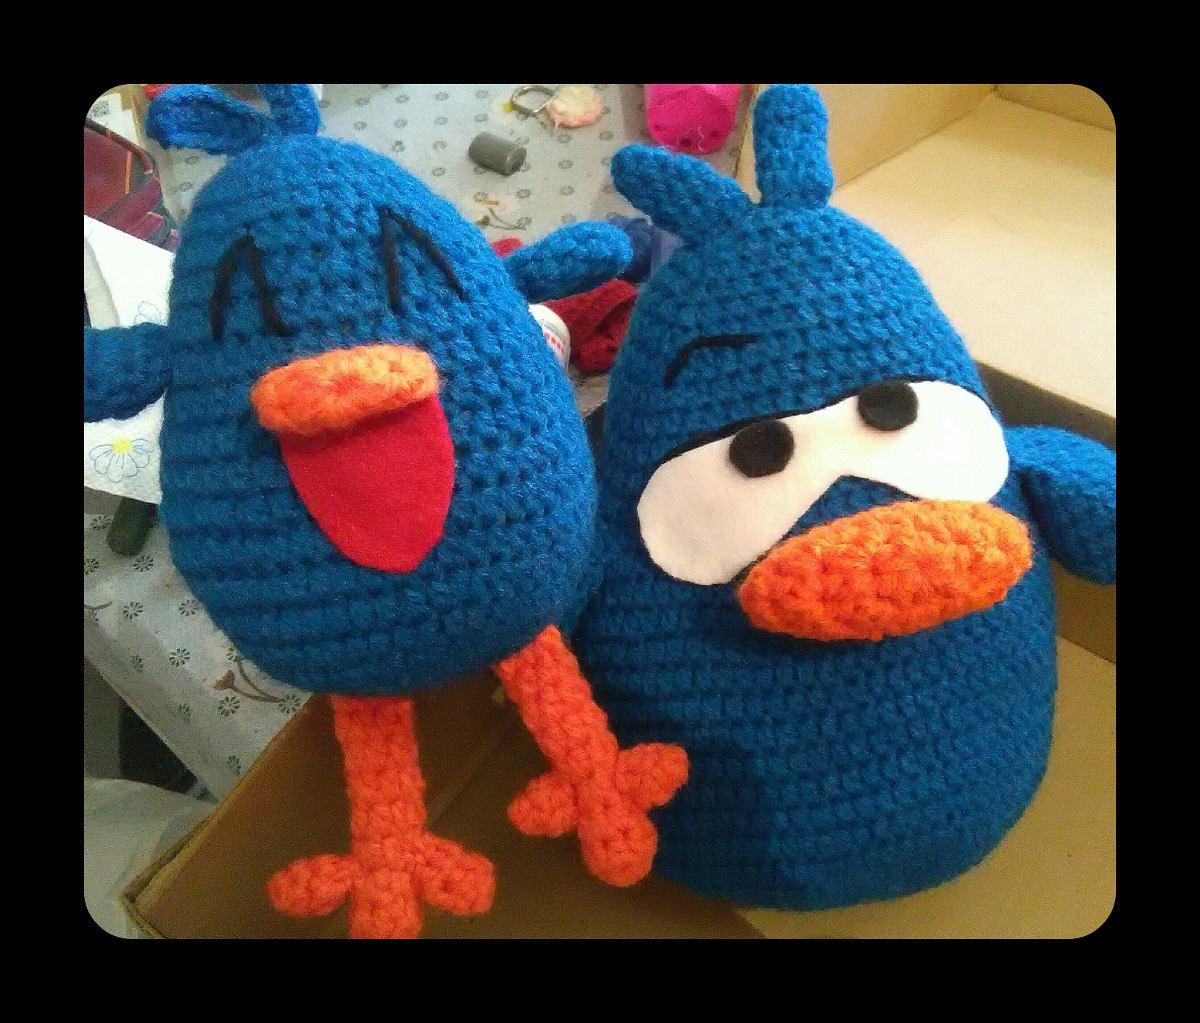 pajarito y pajaroto pocoyo crochet muñecos amigurumi 26 cm